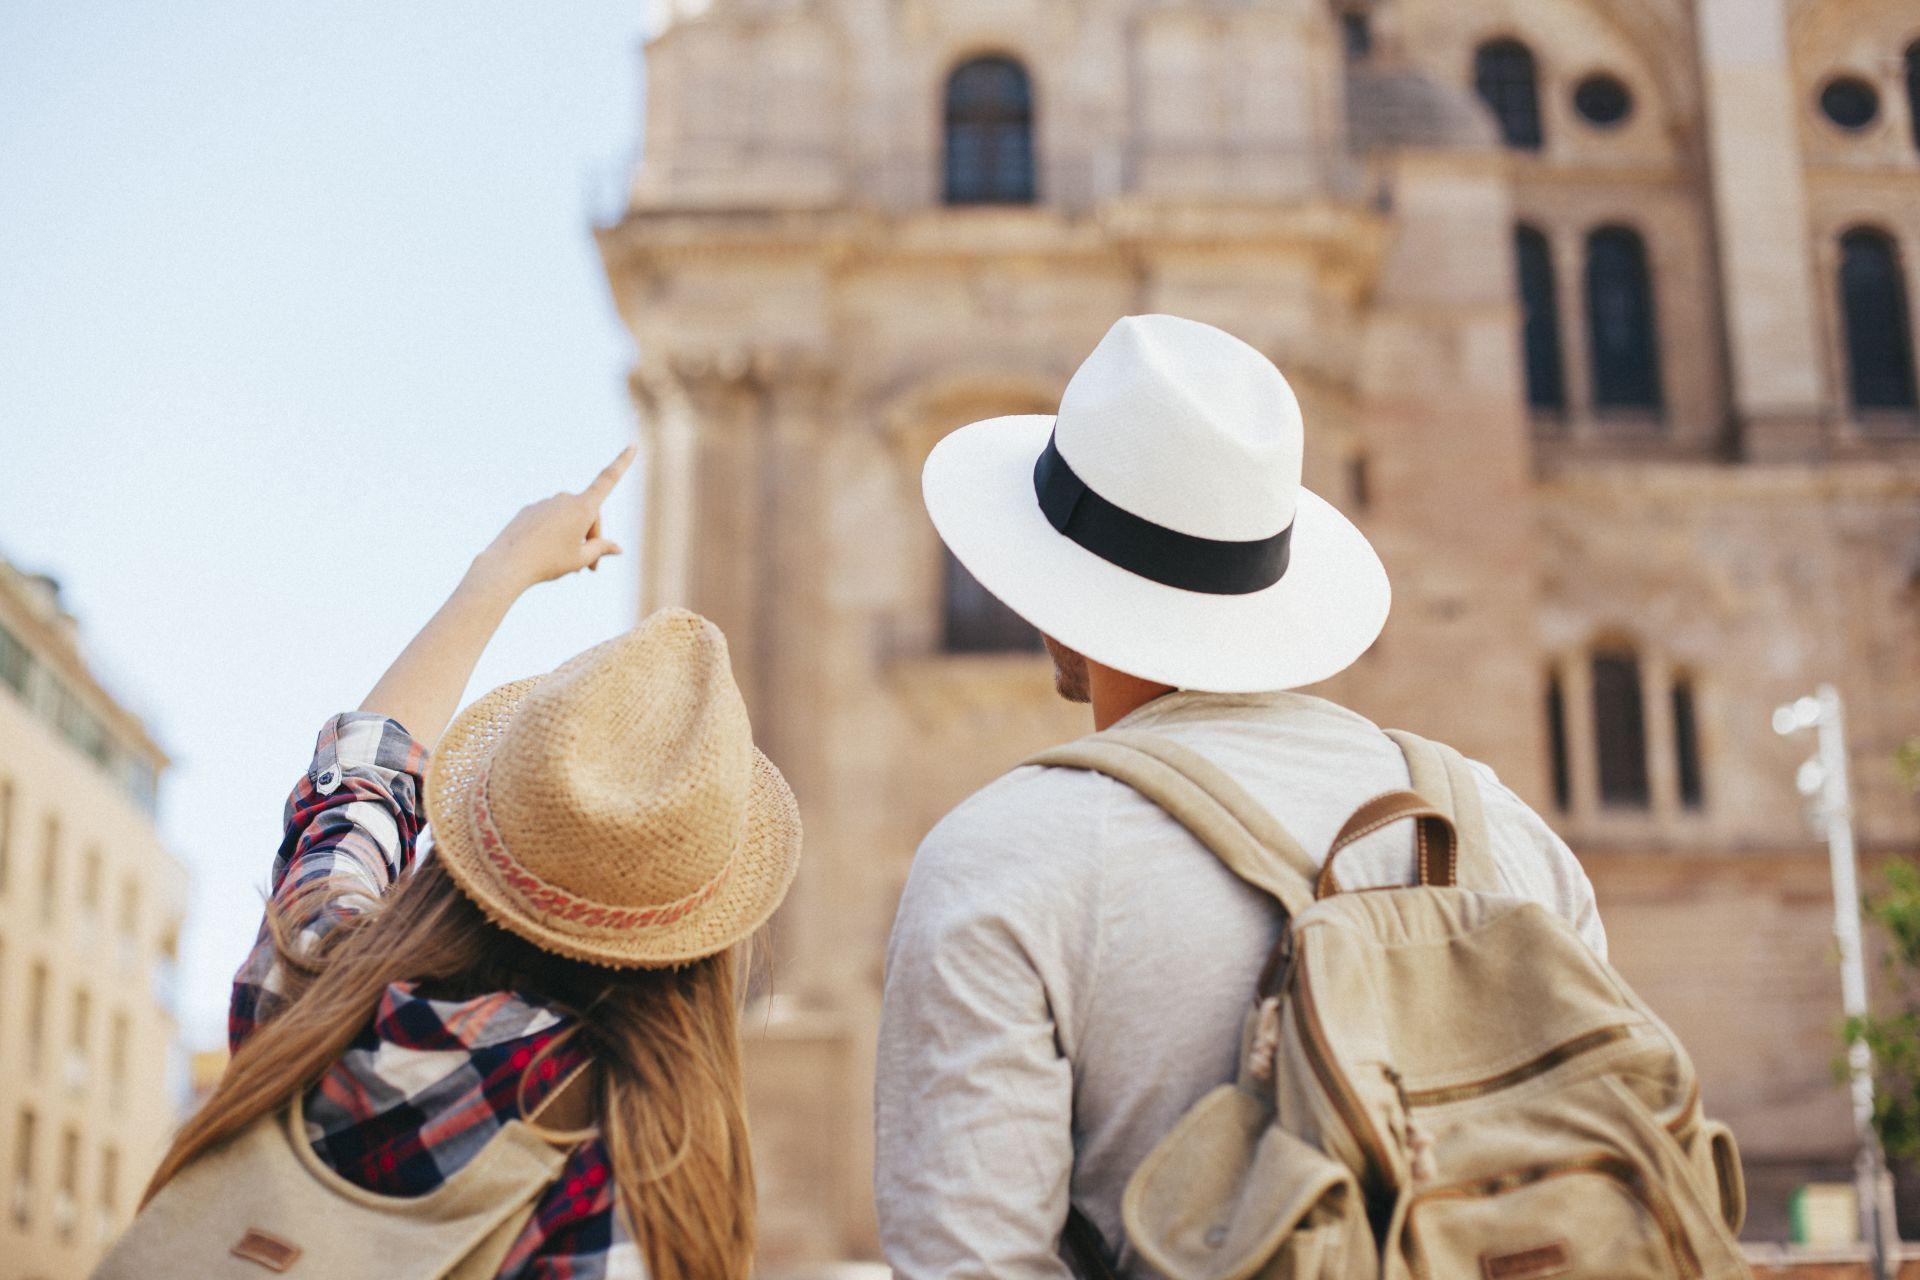 mexico-preve-que-el-turismo-crecera-un-47-en-2019